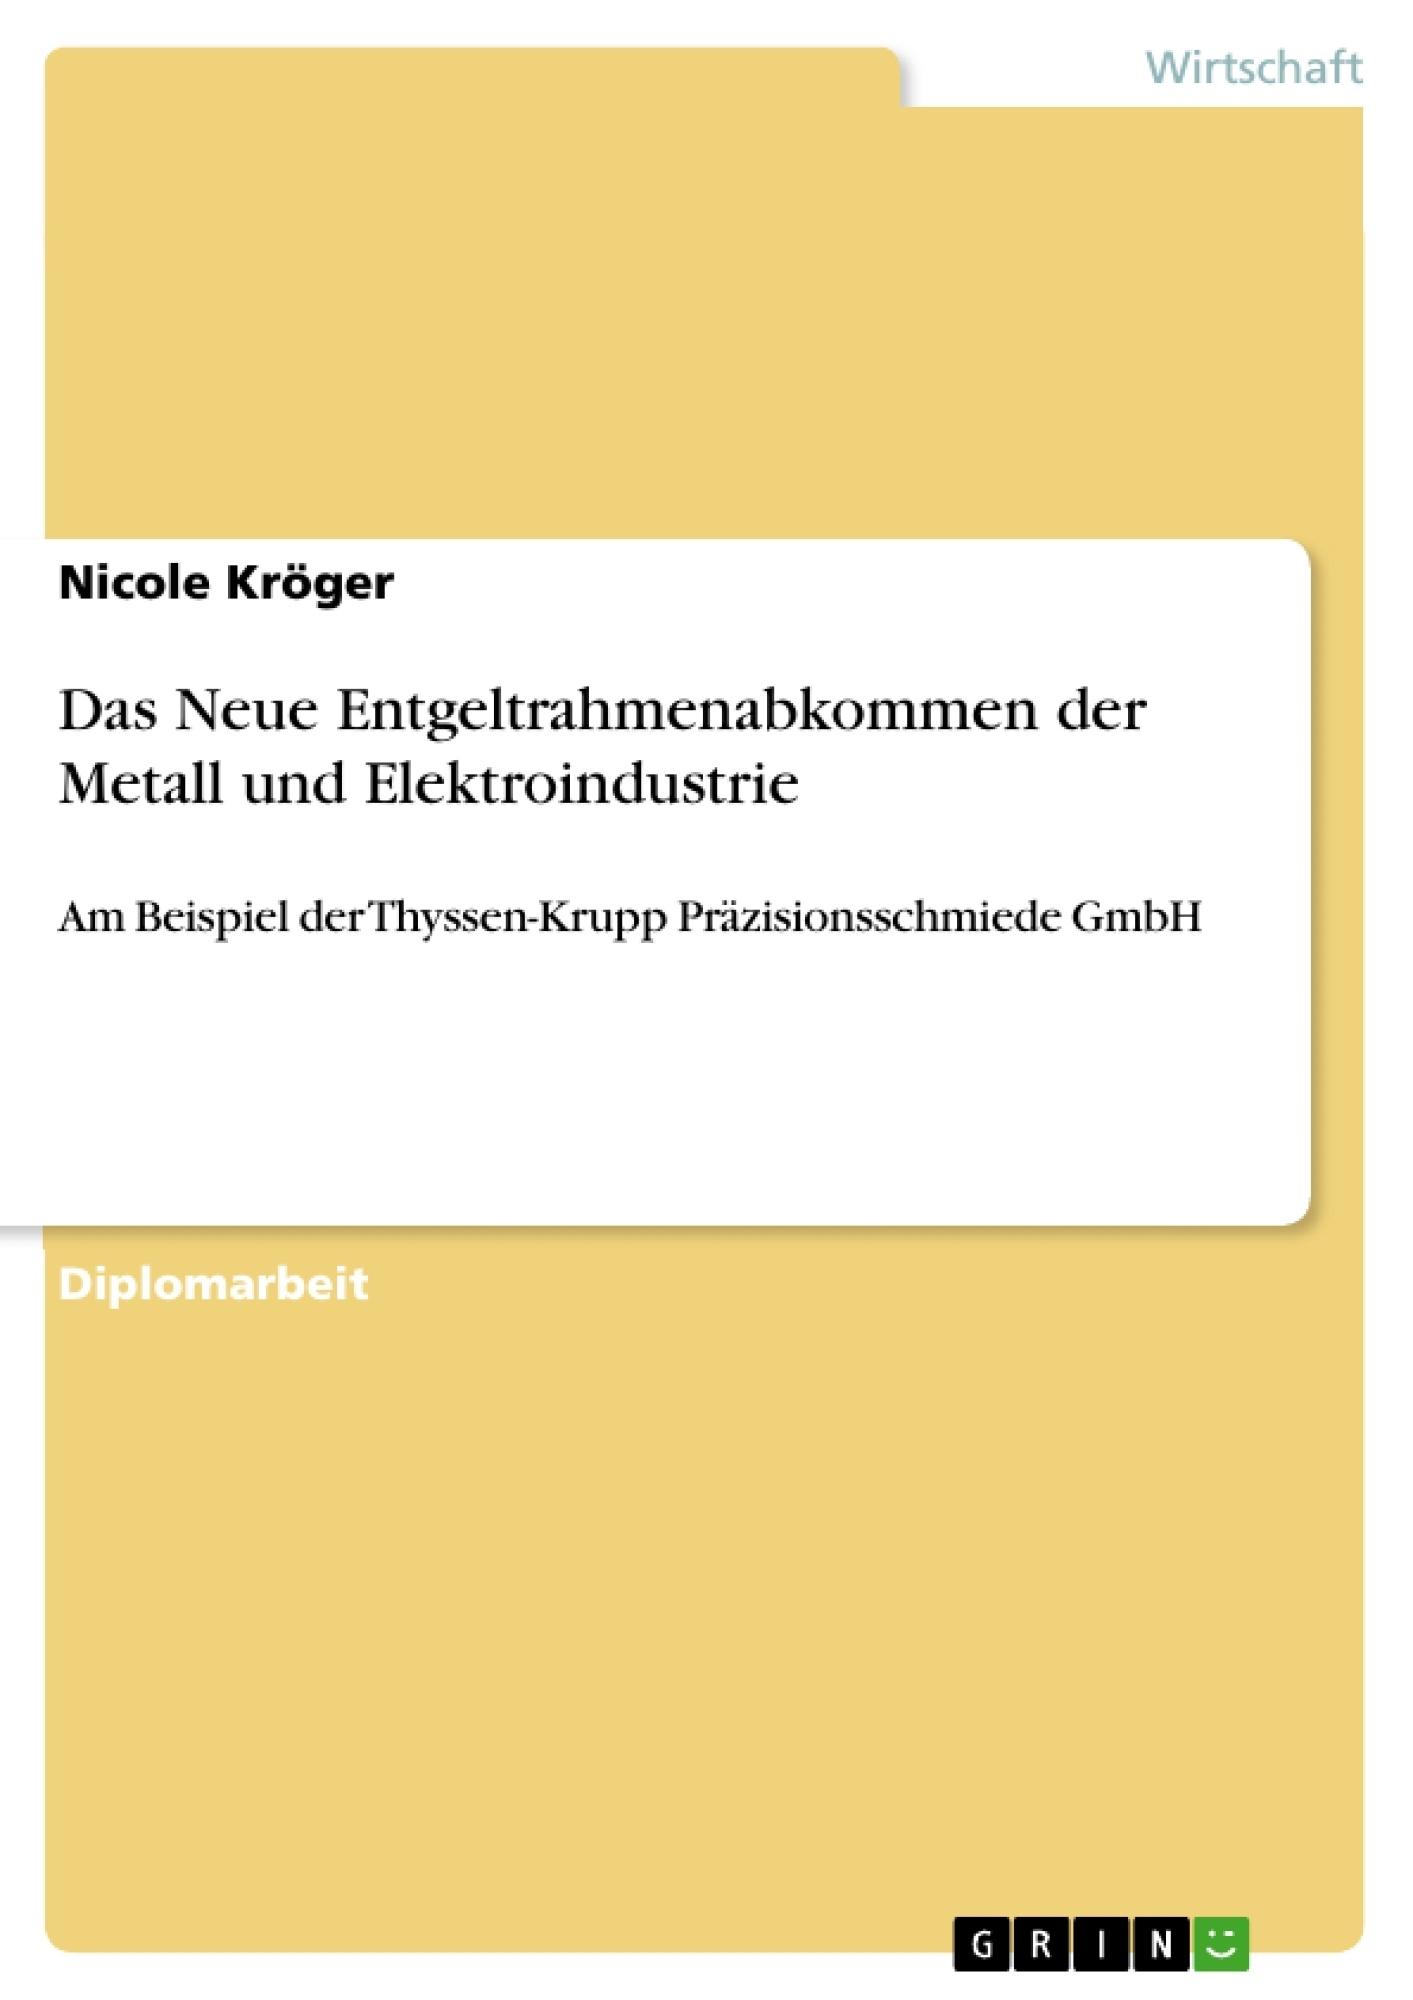 Titel: Das Neue Entgeltrahmenabkommen der Metall und Elektroindustrie